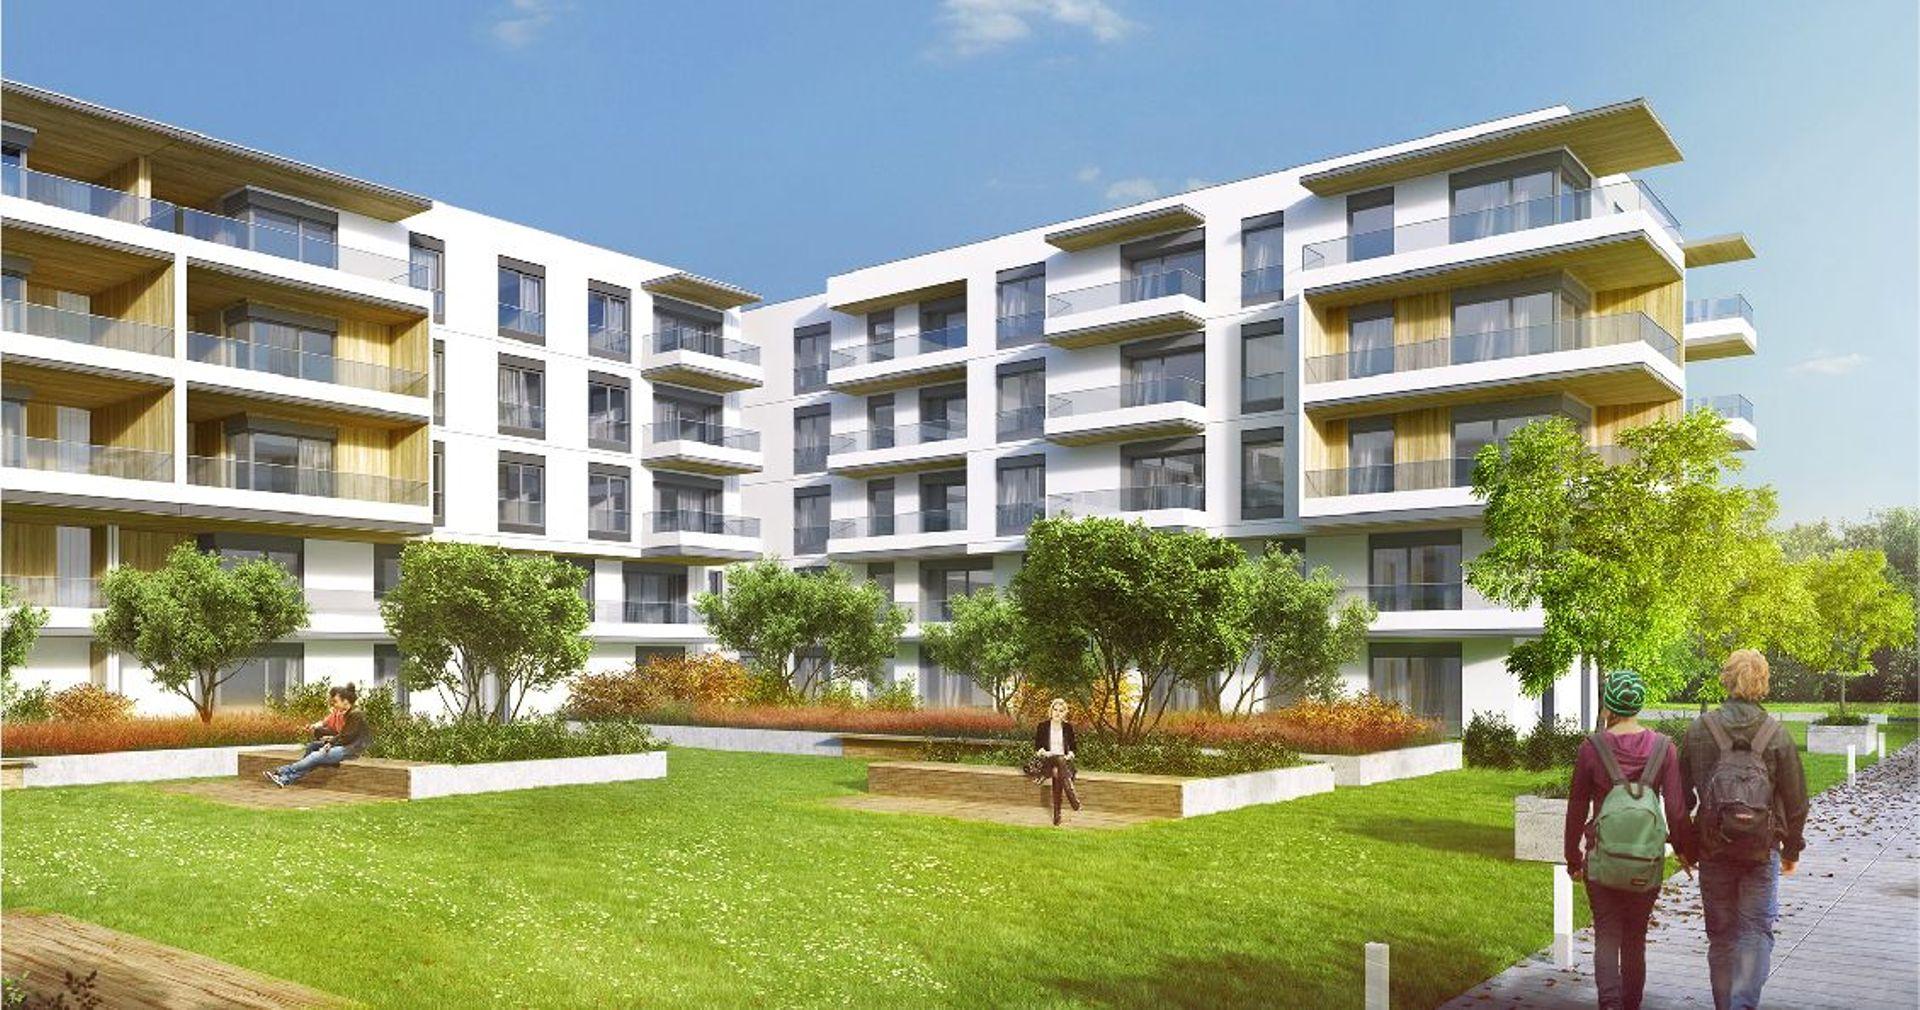 [Poznań] Sprzedaż mieszkań na osiedlu Vilda Park w Poznaniu rośnie